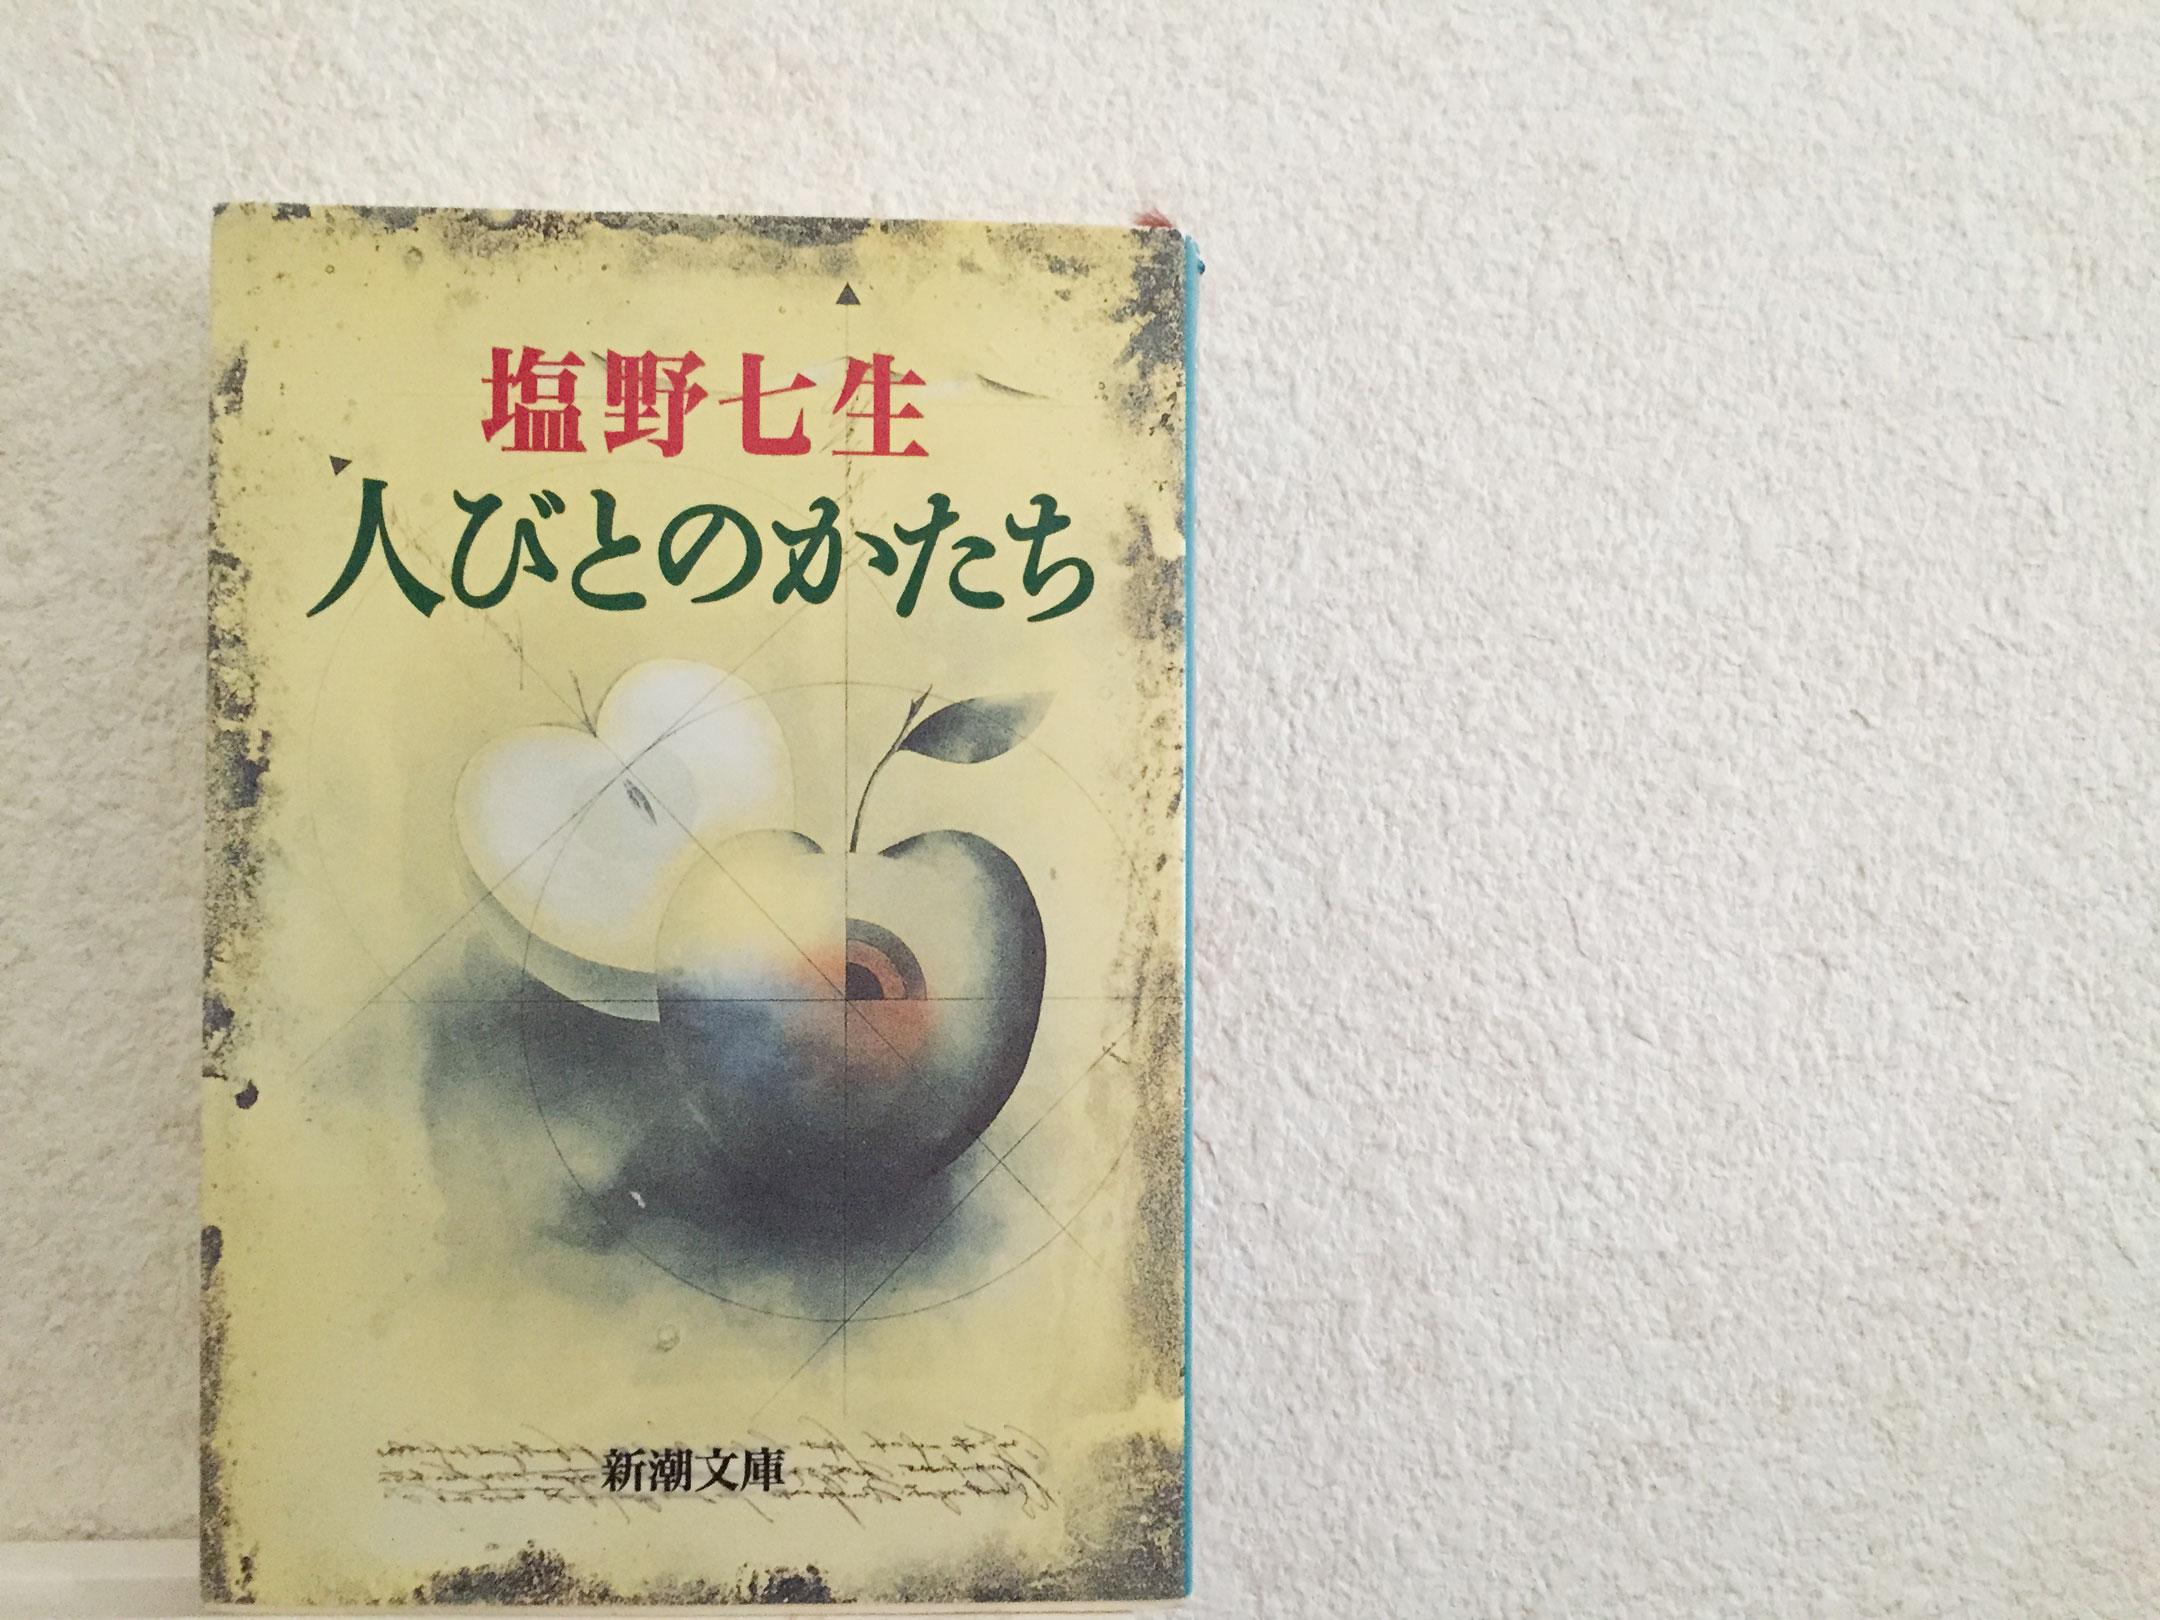 日本を代表する作家がつづる、深みある映画エッセイ